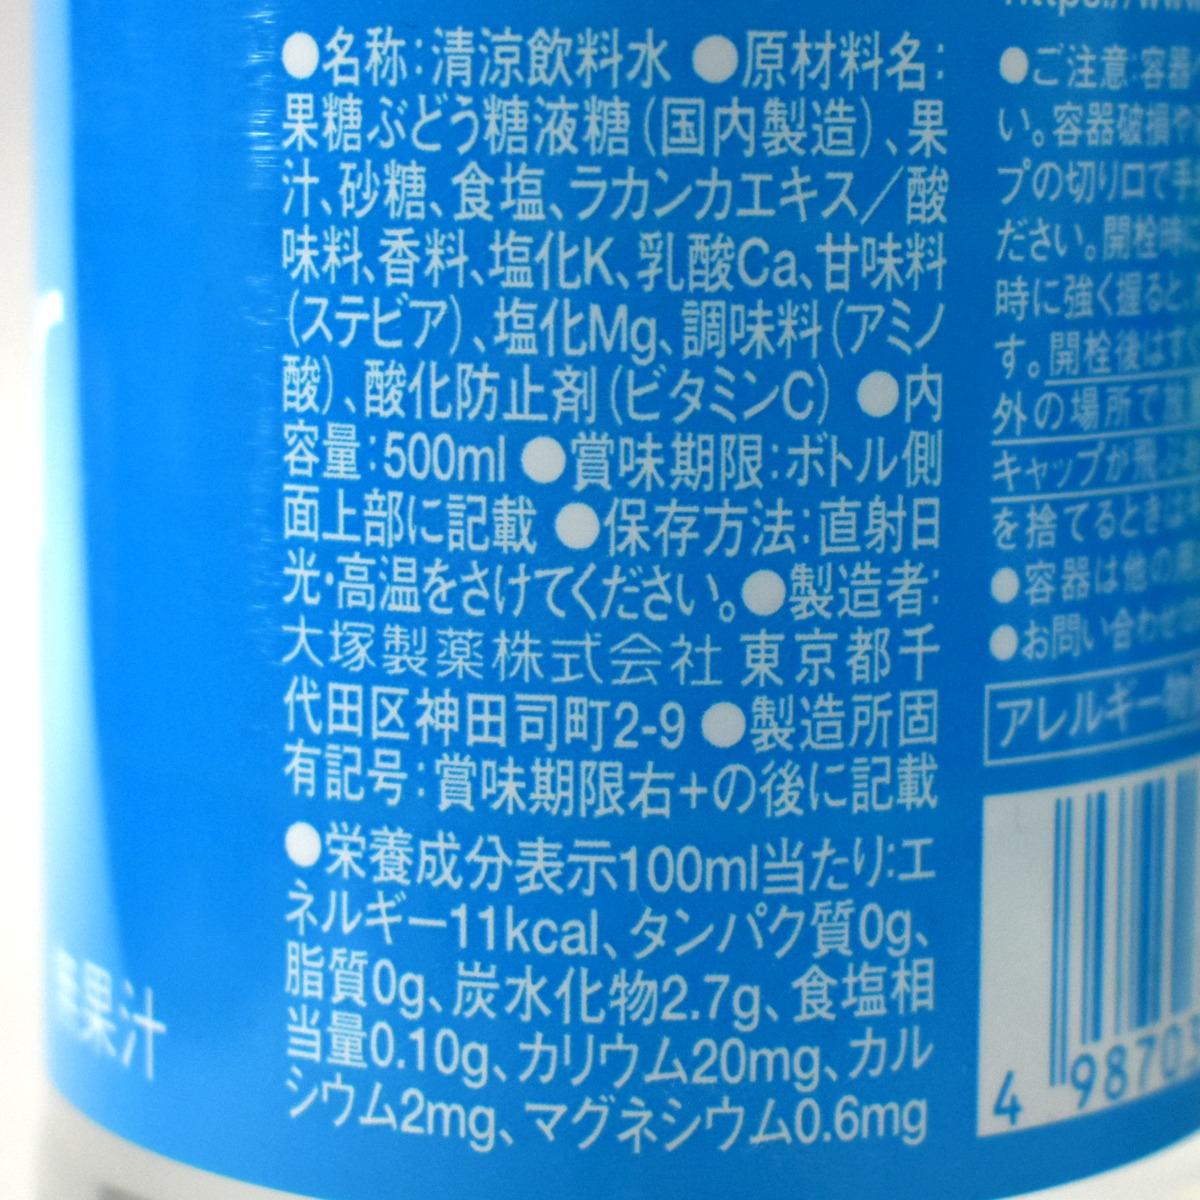 ポカリスエットイオンウォーターの原材料名と栄養成分表示